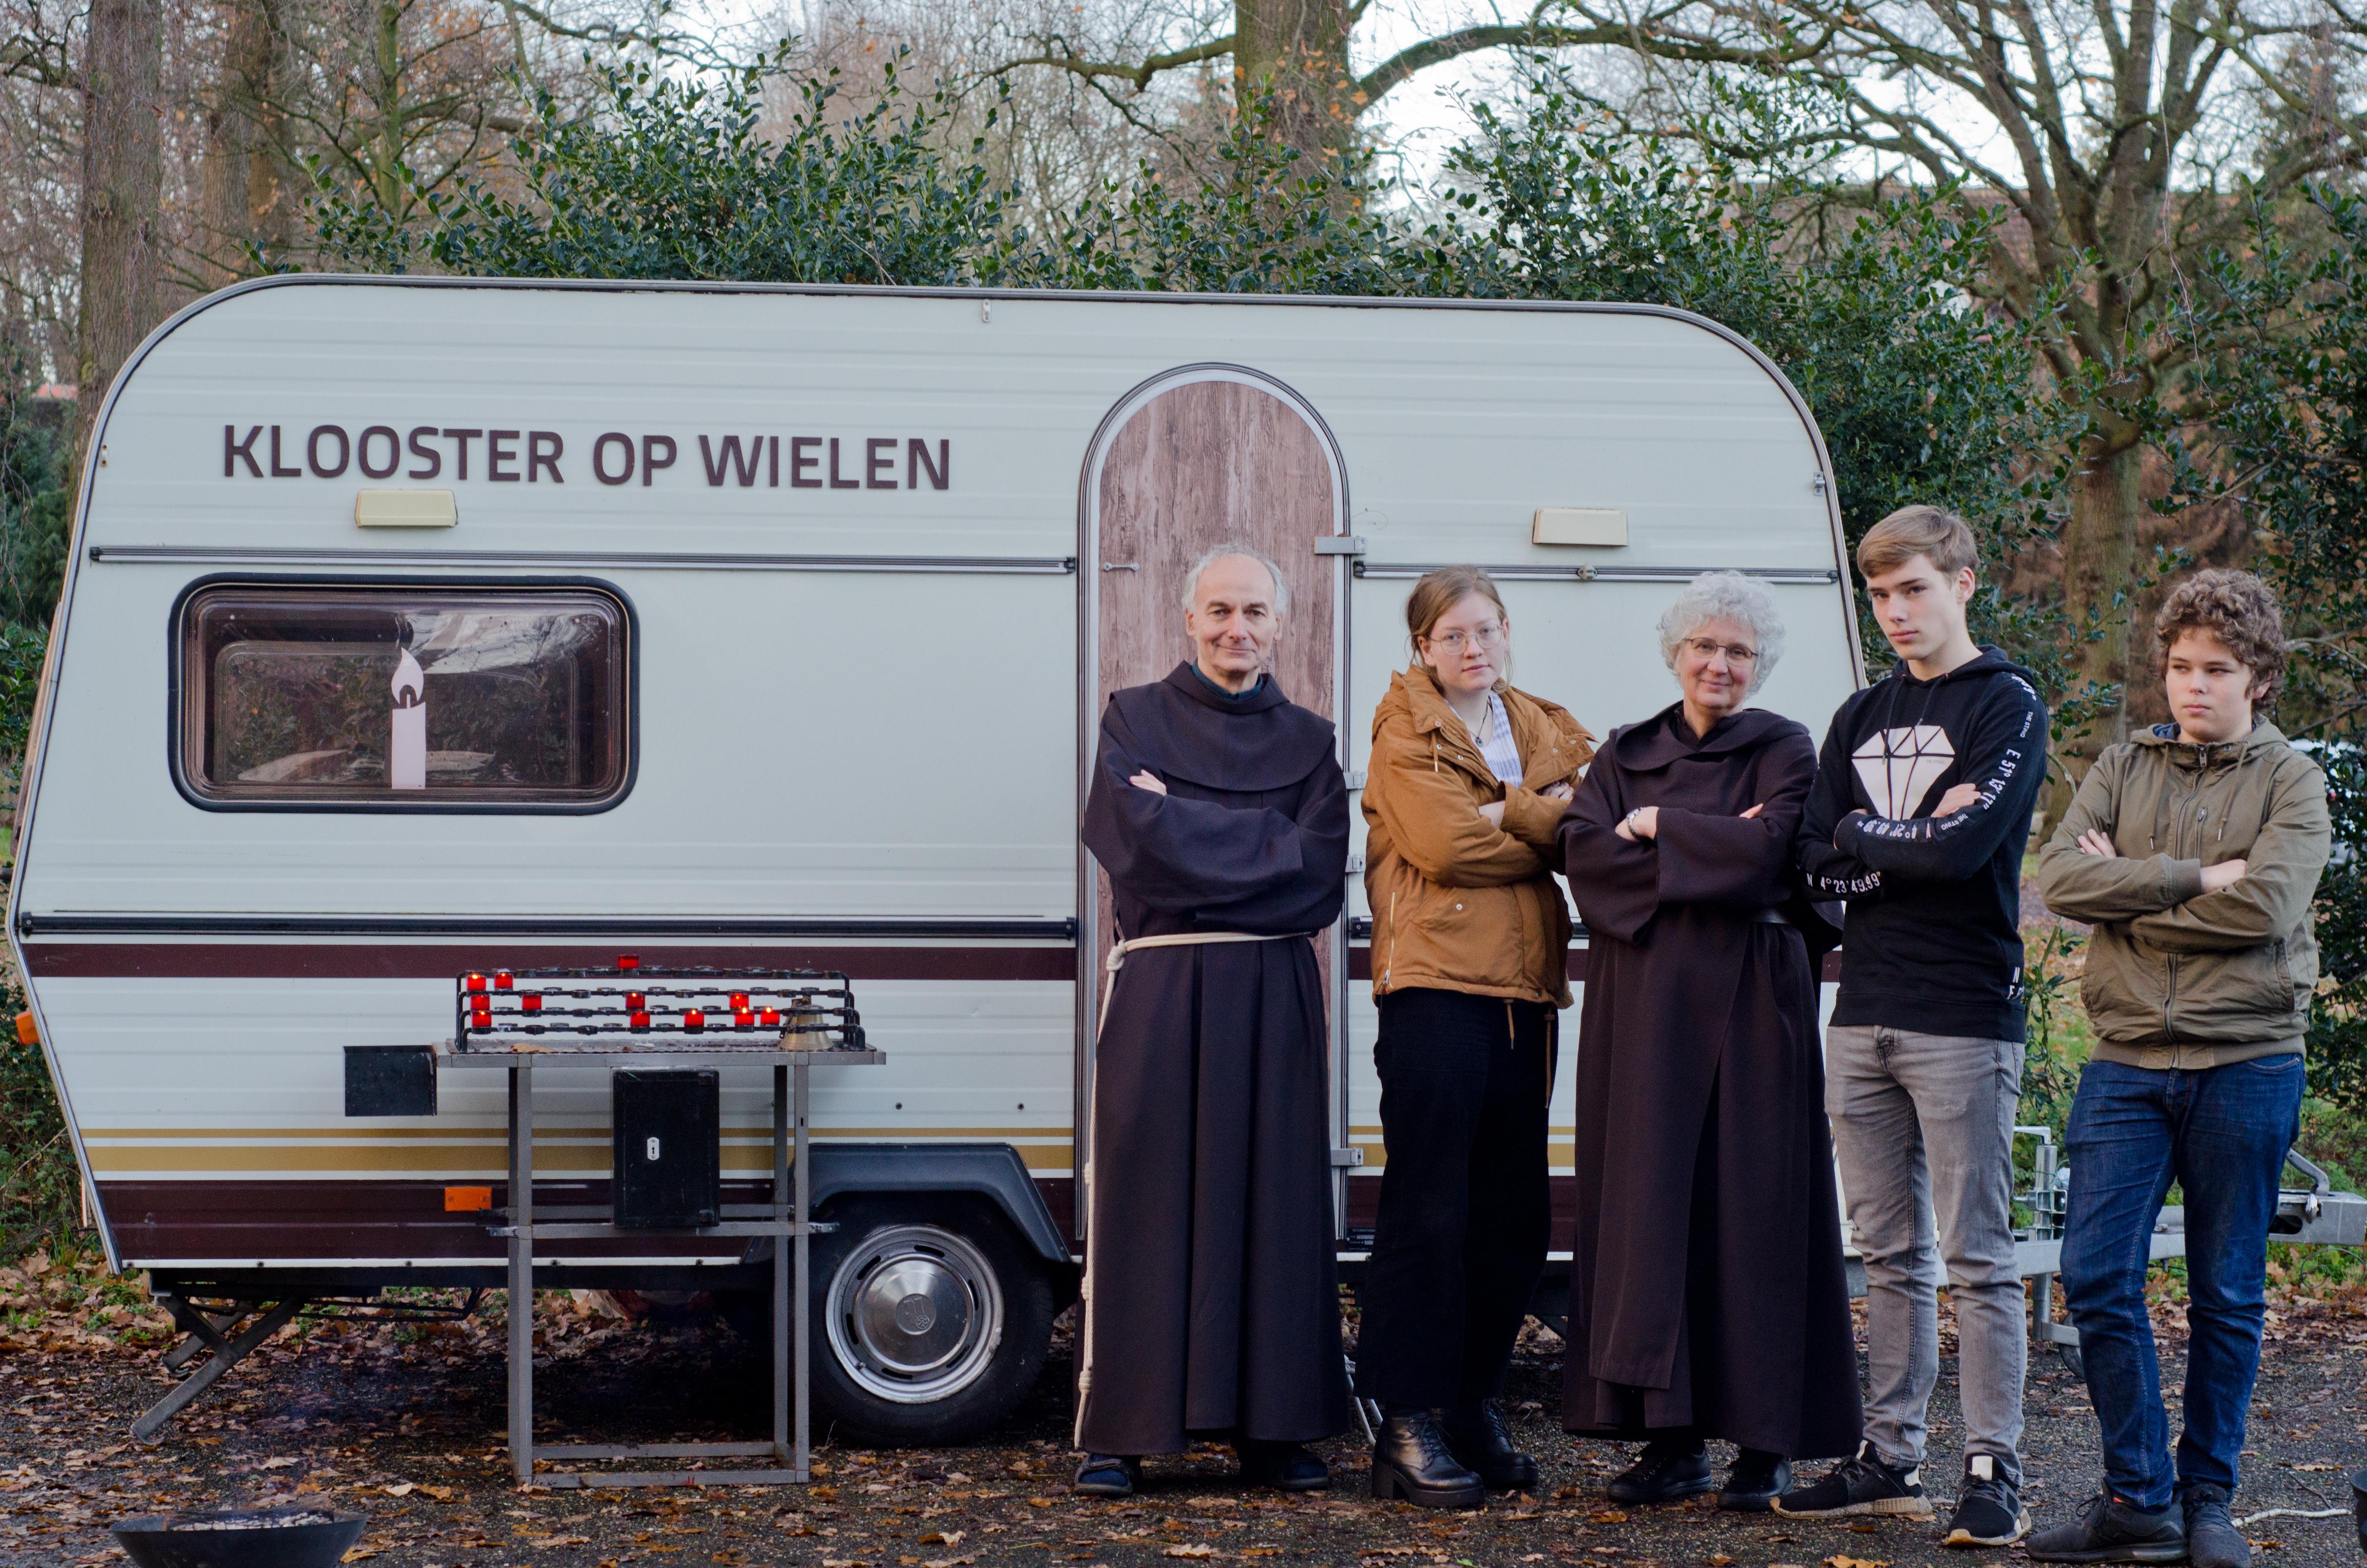 Klooster Op Wielen 2018 tryout